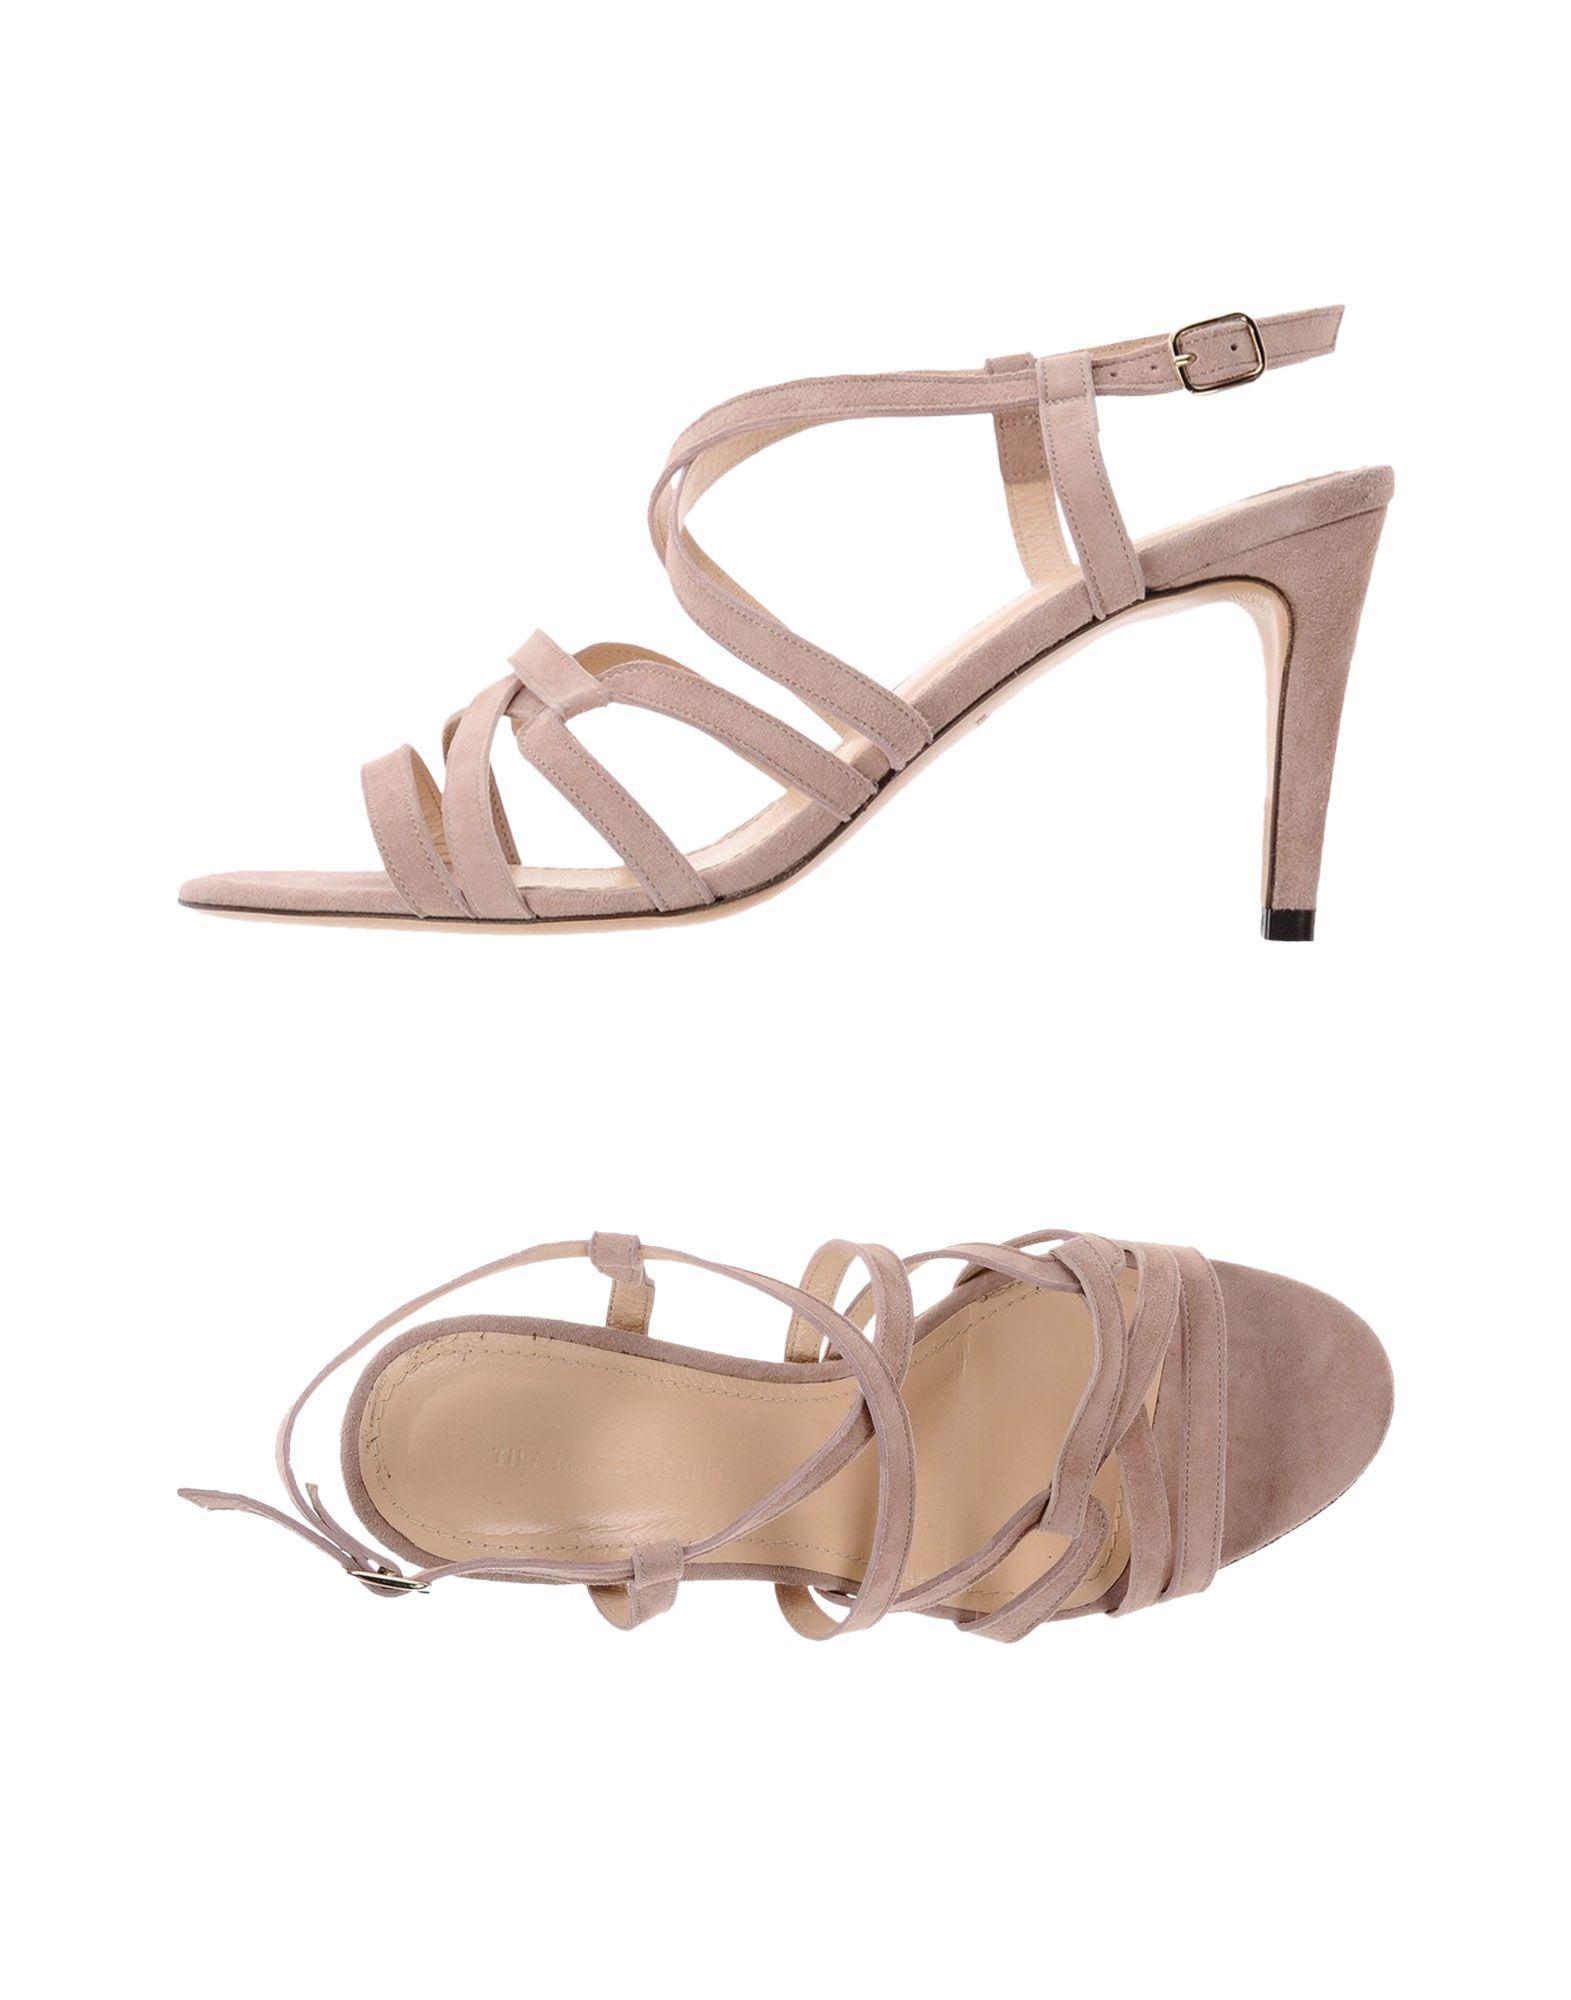 Tila March Sandalen Damen  11338343IU Schuhe Gute Qualität beliebte Schuhe 11338343IU 365e89